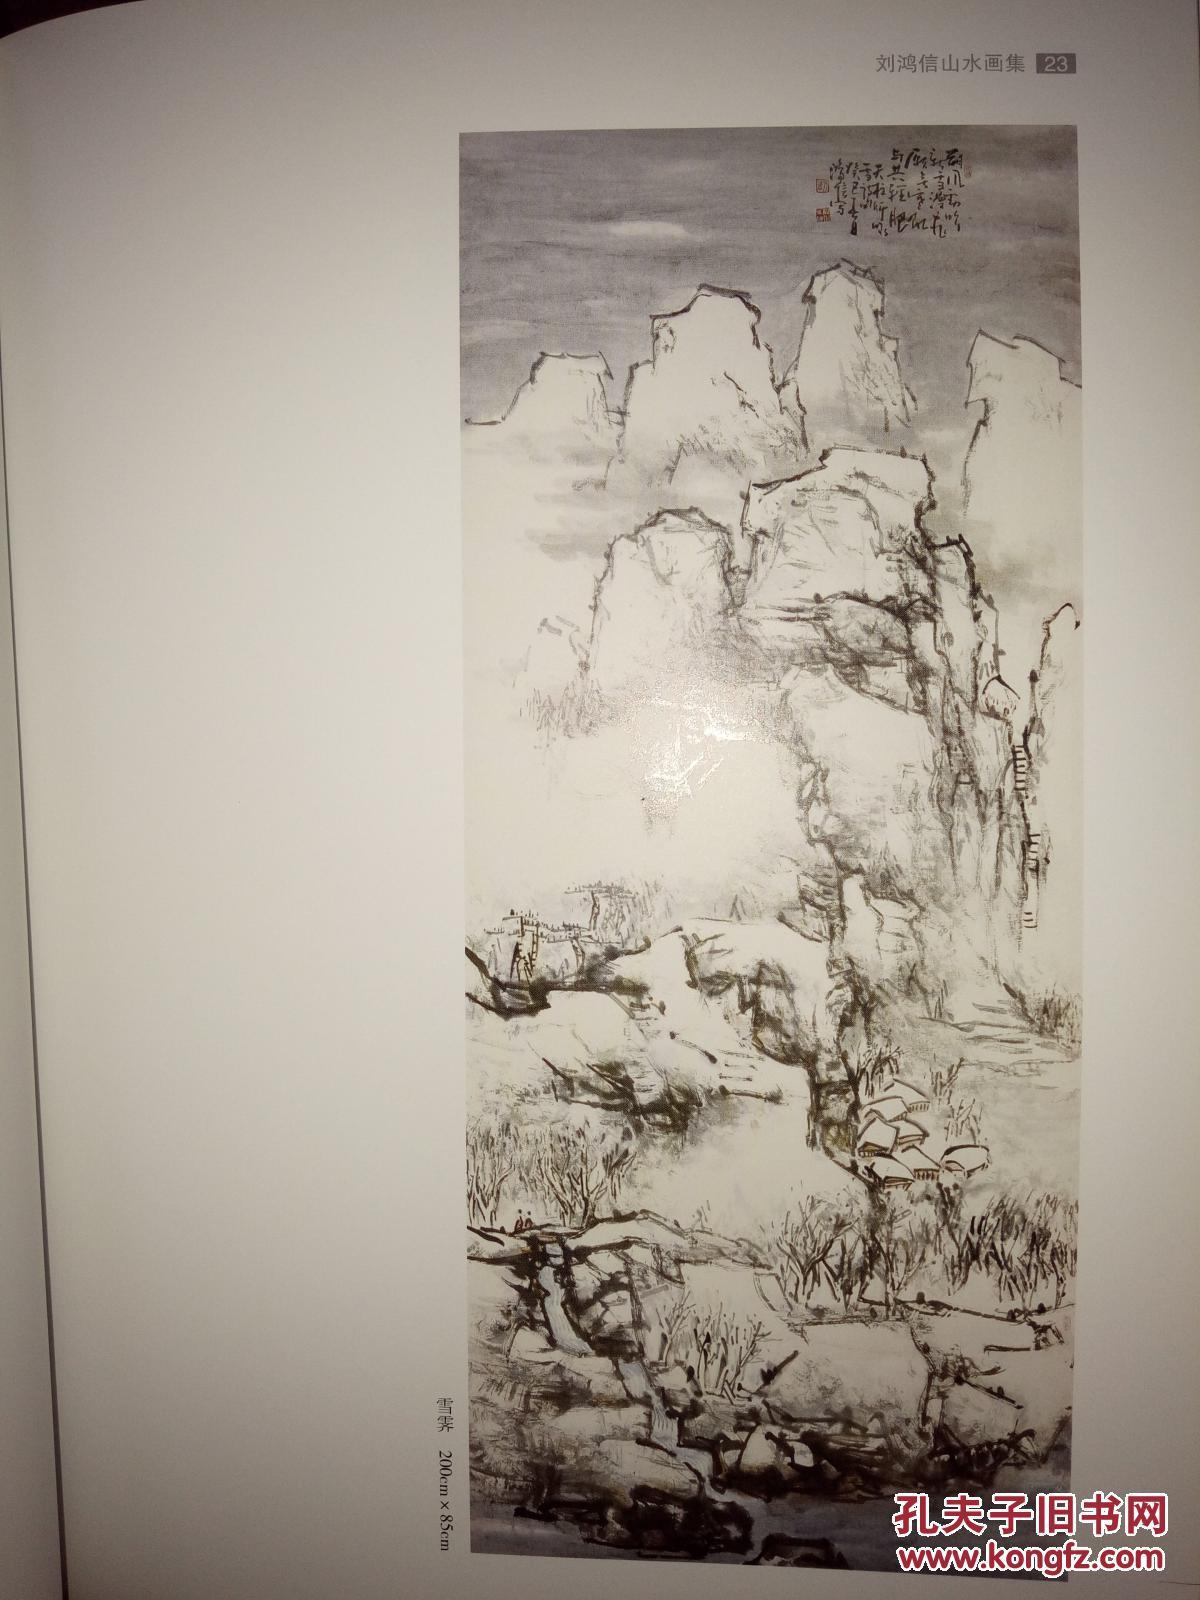 【图】中国当代书画名家系列丛书刘鸿信山水画集一厚图片